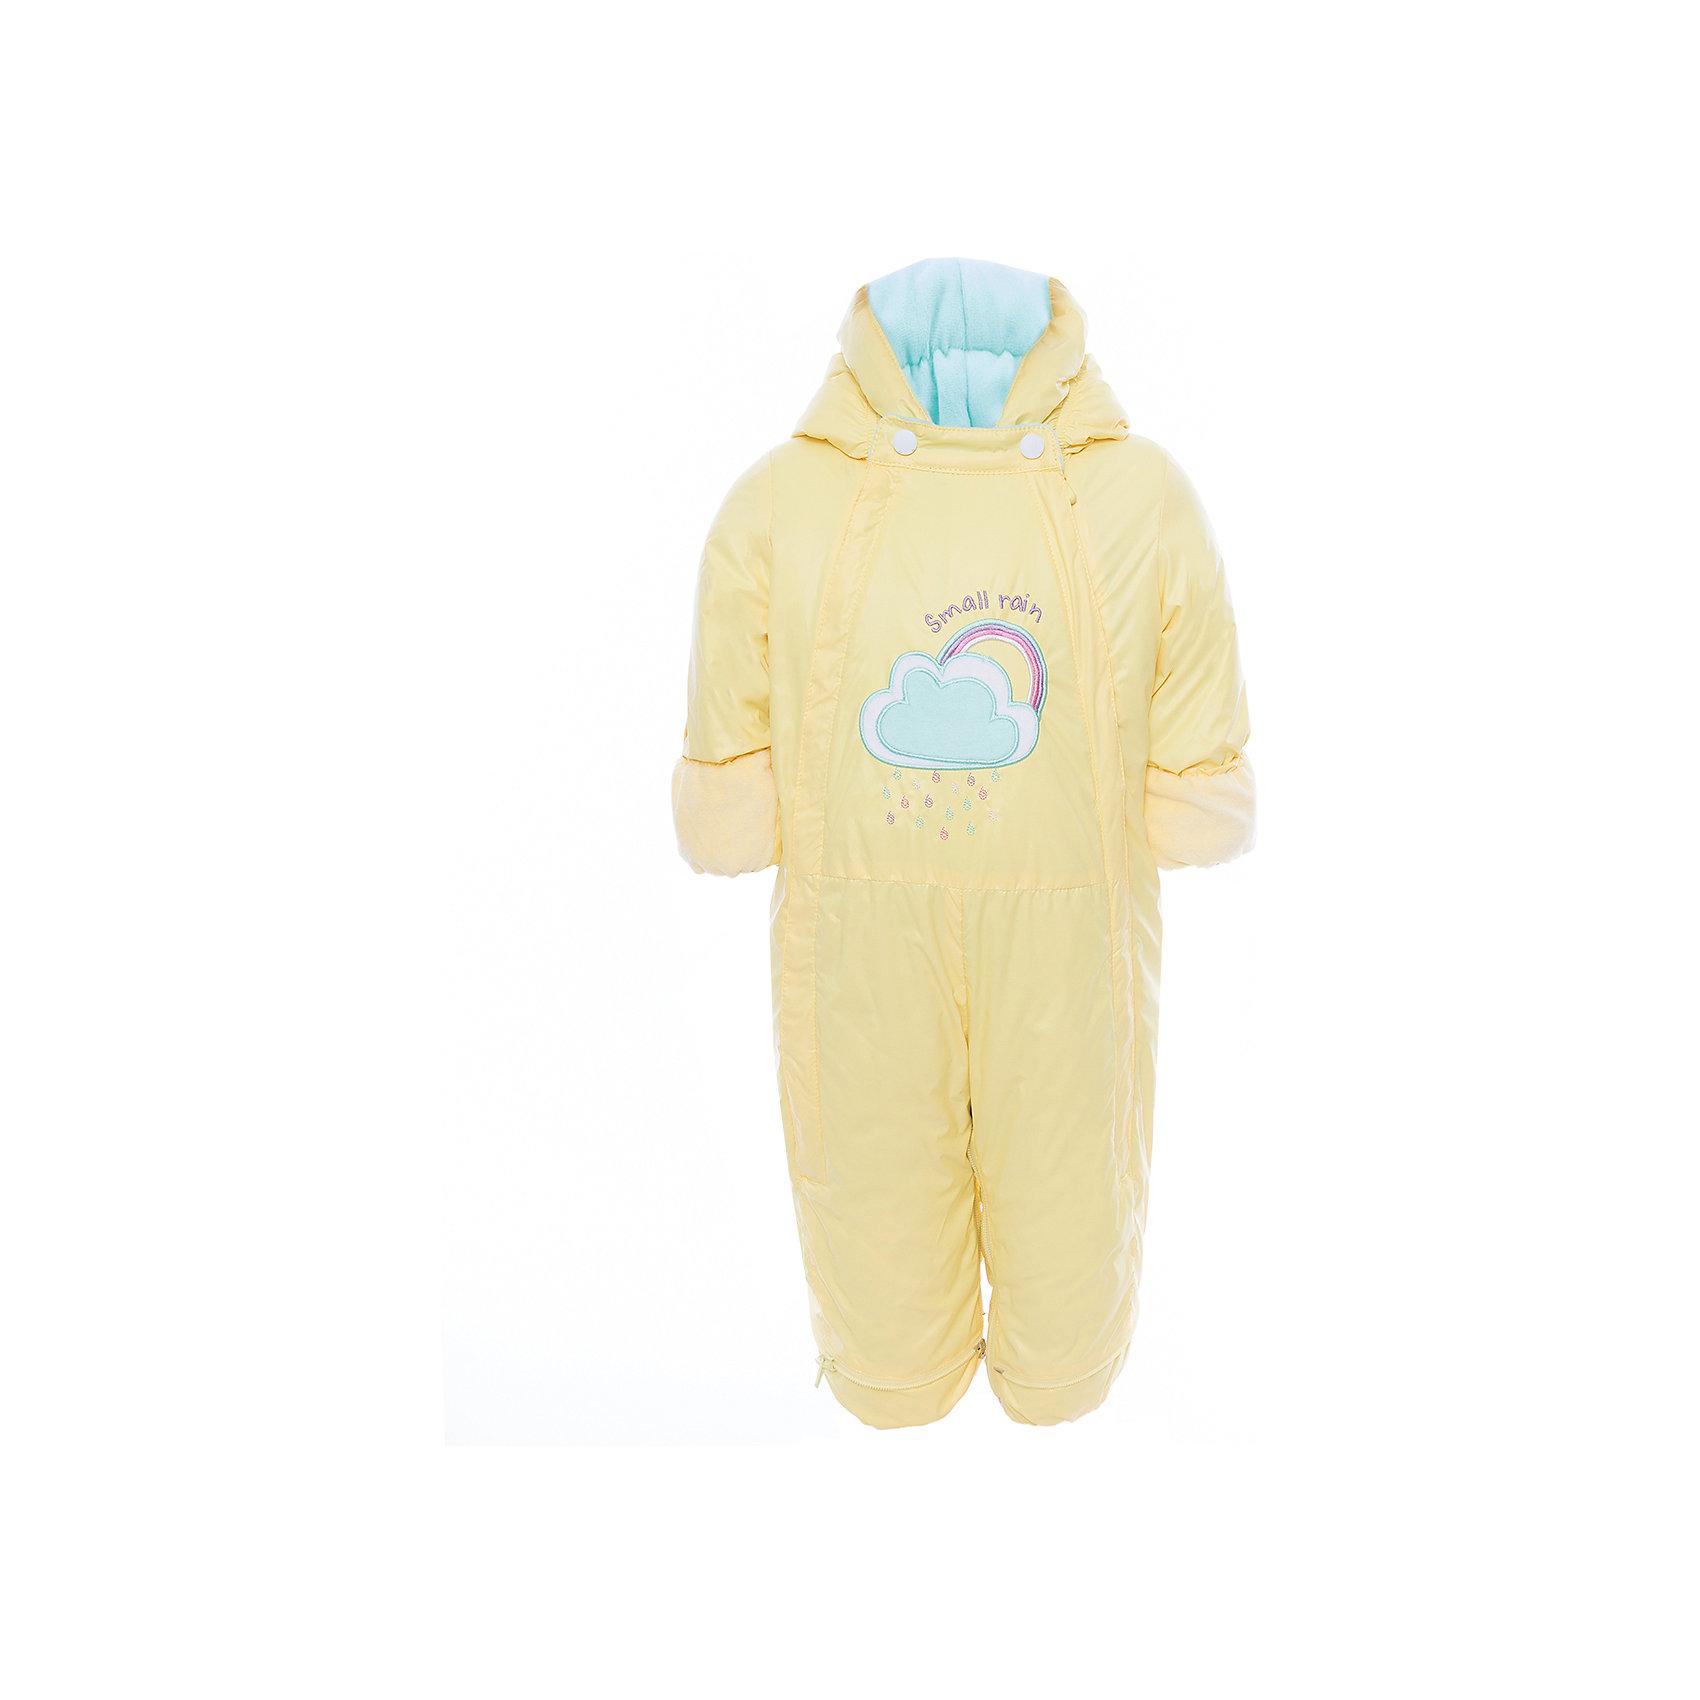 Комбинезон детский BOOM by OrbyВерхняя одежда<br>Характеристики товара:<br><br>• цвет: желтый<br>• состав: верх - болонь, подкладка - поликоттон, утеплитель: эко-синтепон 150 г/м2<br>• температурный режим: от -5 С° до +10 С° <br>• капюшон<br>• застежка - молния<br>• планка от ветра<br>• отделка велюром<br>• декорирован вышивкой<br>• комфортная посадка<br>• страна производства: Российская Федерация<br>• страна бренда: Российская Федерация<br>• коллекция: весна-лето 2017<br><br>Одежда для самых маленьких должна быть особо комфортной! Такой комбинезон - отличный вариант для межсезонья с постоянно меняющейся погодой. Эта модель - модная и удобная одновременно! Изделие отличается стильным ярким дизайном. Комбинезон дополнен мягкой подкладкой. Вещь была разработана специально для малышей.<br><br>Комбинезон детский от бренда BOOM by Orby можно купить в нашем интернет-магазине.<br><br>Ширина мм: 356<br>Глубина мм: 10<br>Высота мм: 245<br>Вес г: 519<br>Цвет: желтый<br>Возраст от месяцев: 2<br>Возраст до месяцев: 5<br>Пол: Унисекс<br>Возраст: Детский<br>Размер: 62,74,68<br>SKU: 5342949